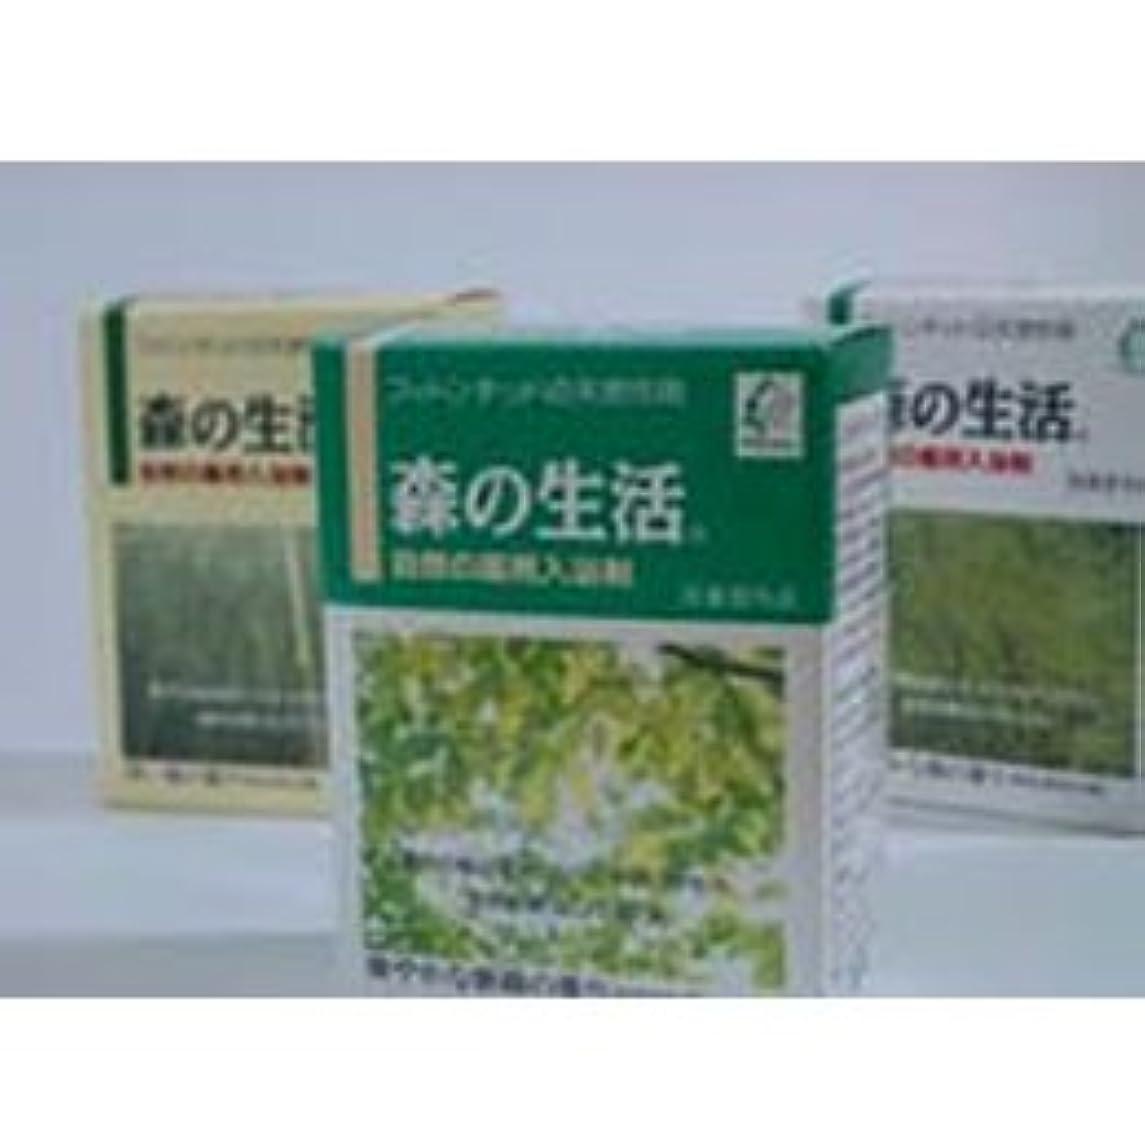 一元化するポイント睡眠森の生活 自然の薬用入浴剤 無色透明の湯 25g×6包